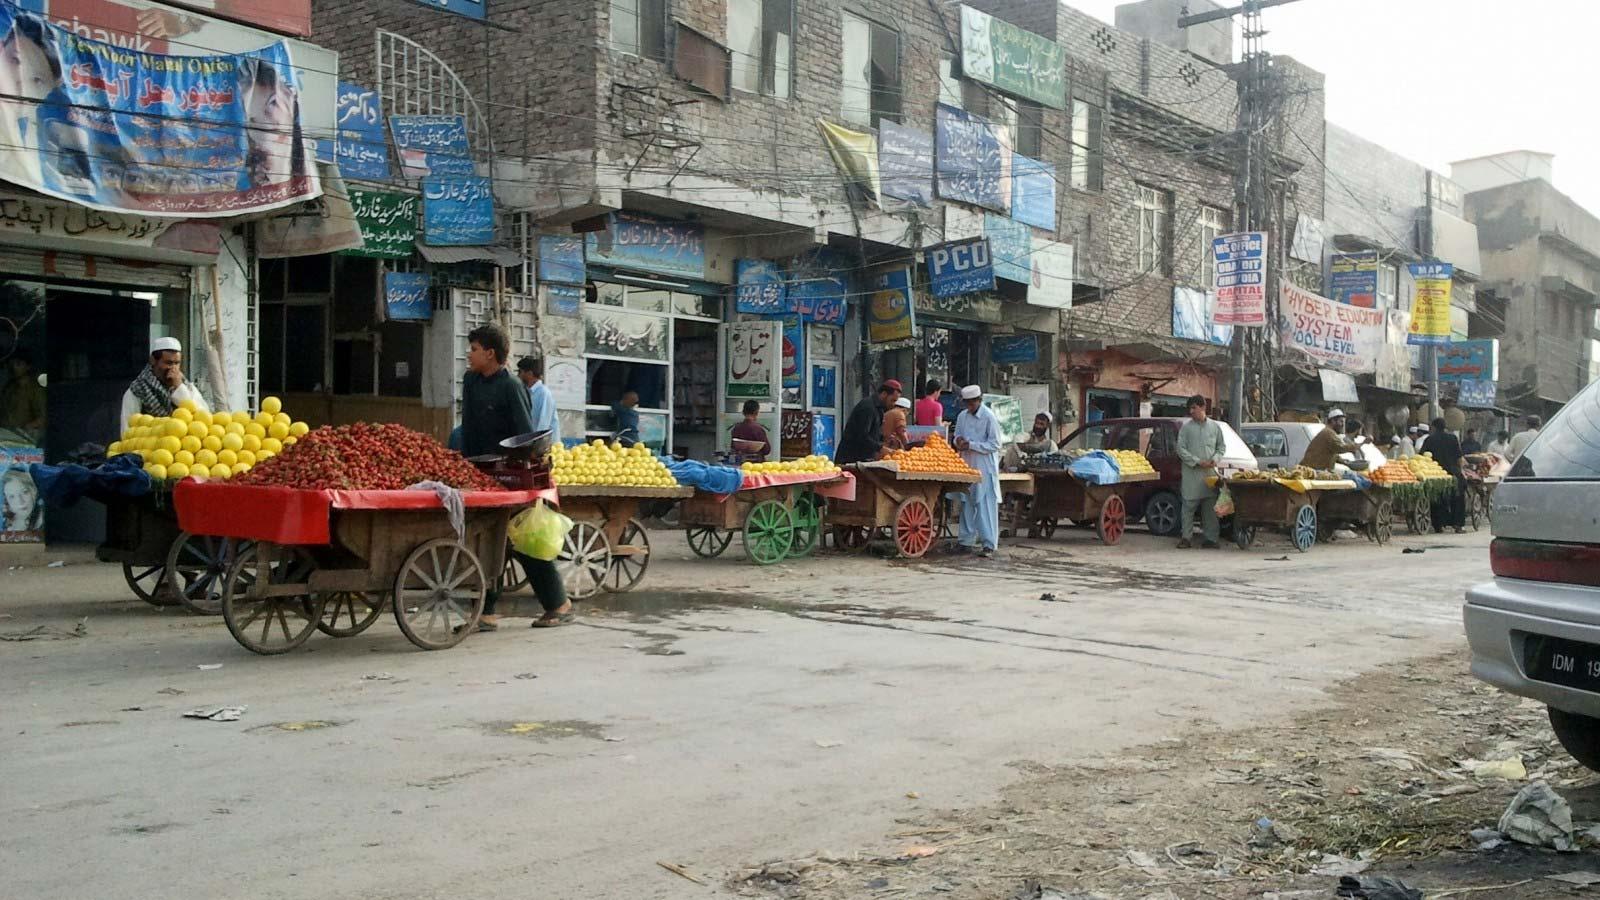 Los habitantes dicen que la población de roedores en Peshawar supera los cientos de miles